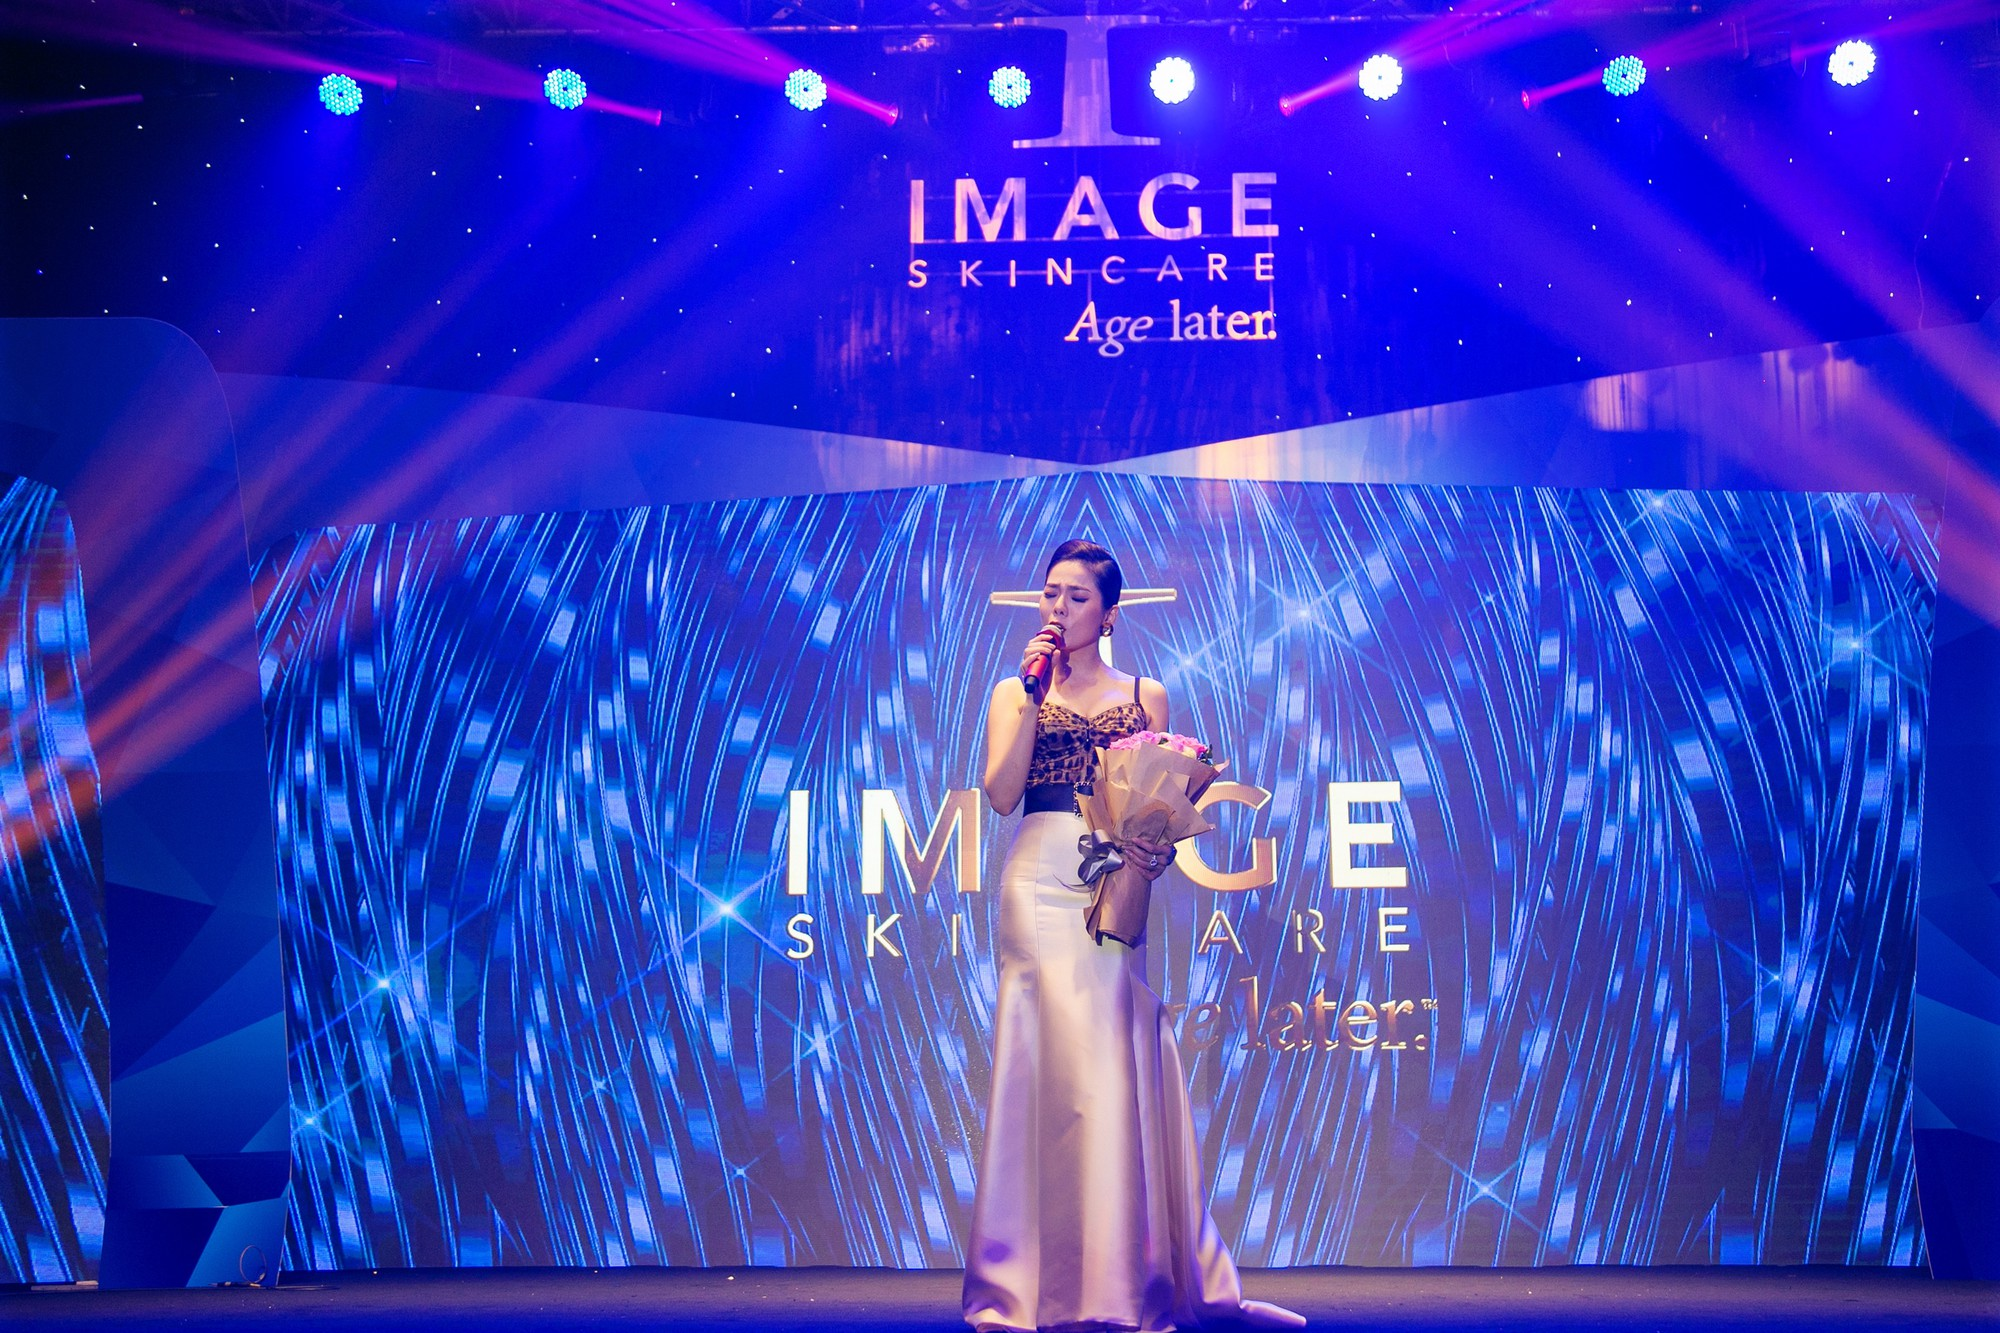 Hội nghị quốc tế IMAGEskincare lần thứ 12 Recover Your Beauty chuyên đề nám - Ảnh 8.